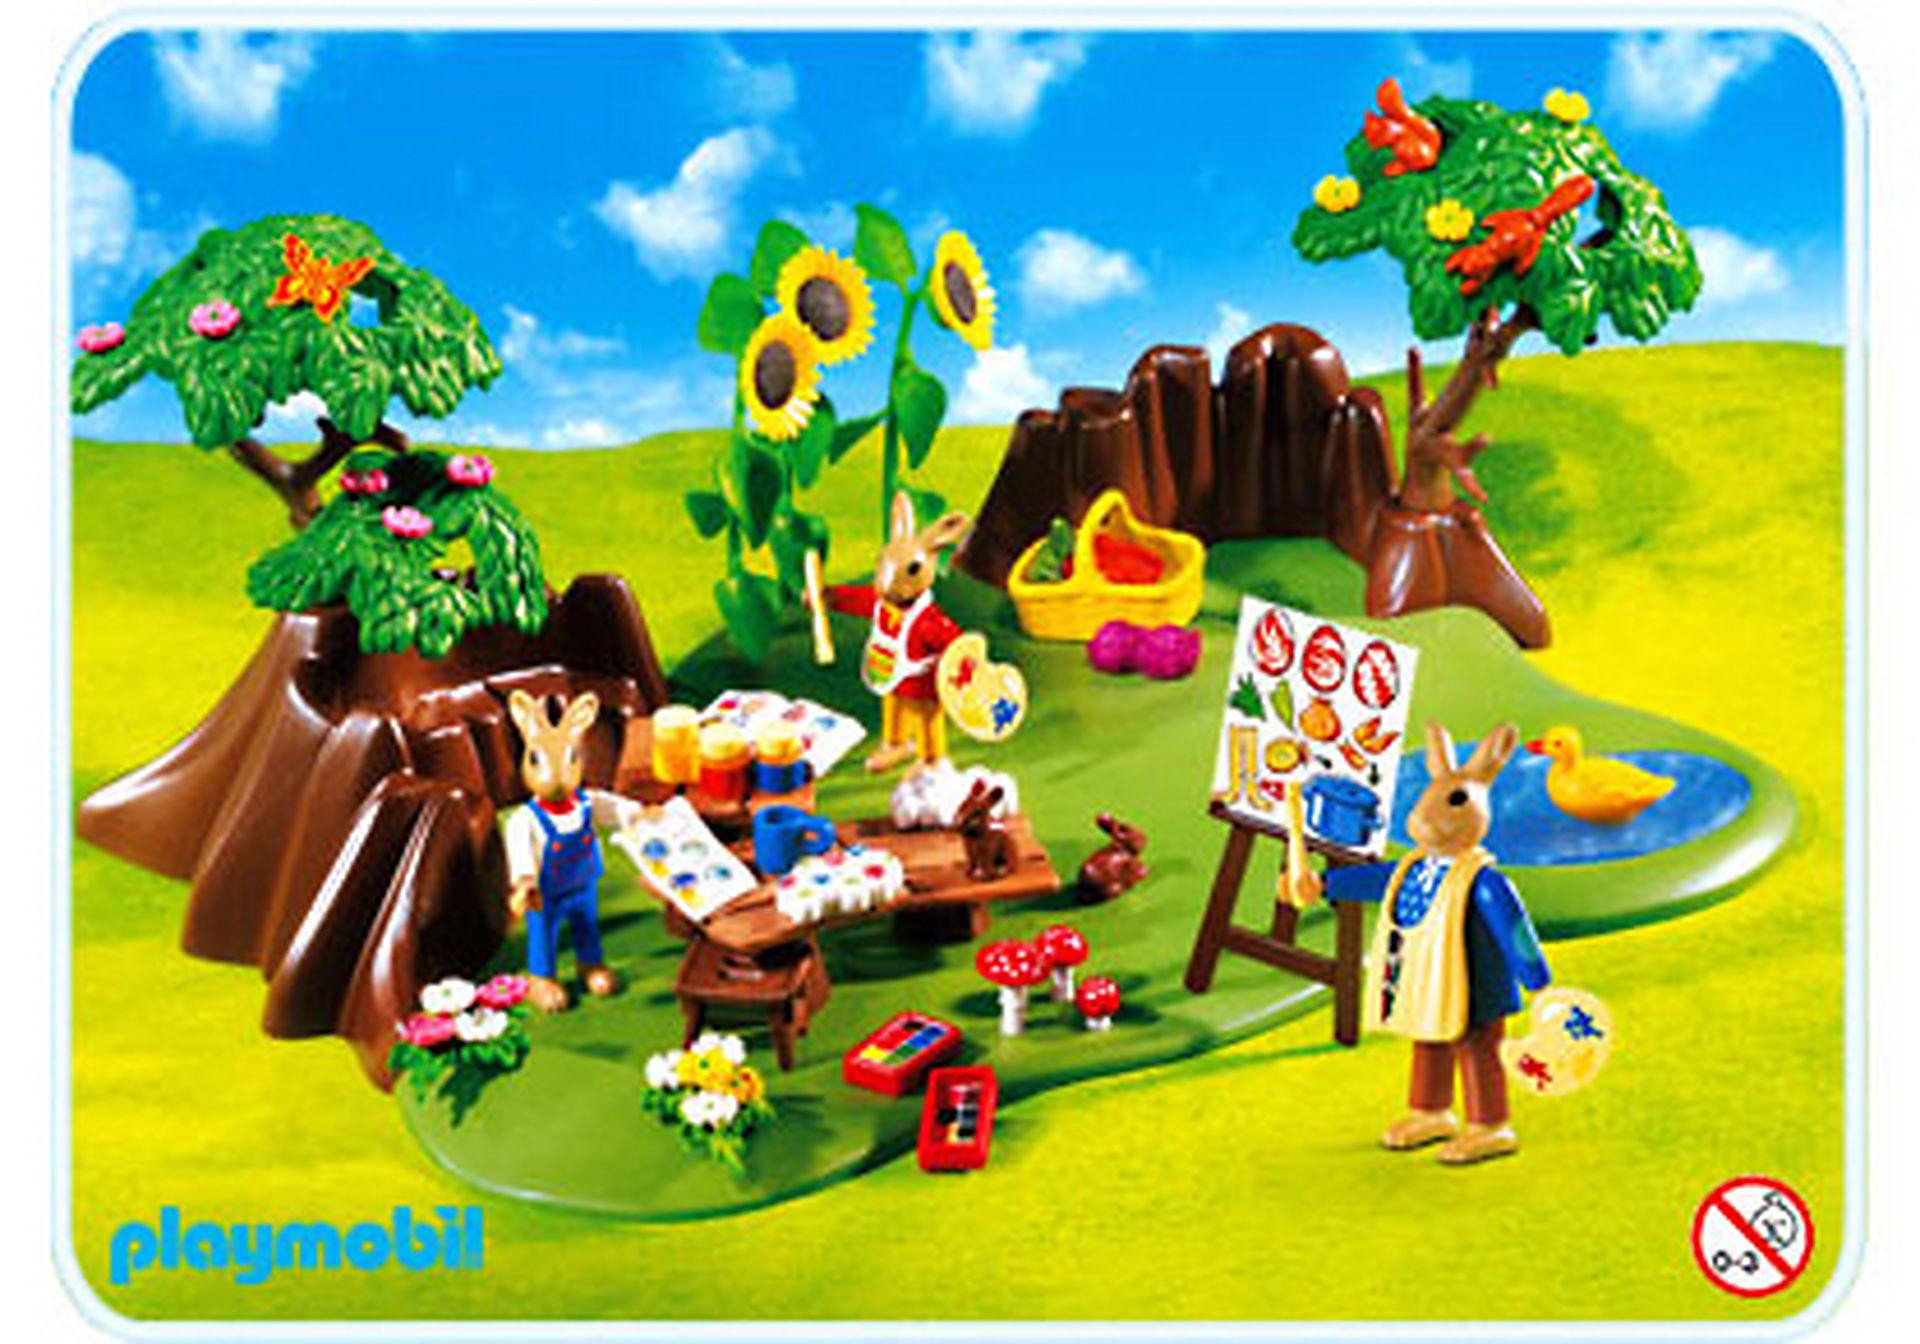 4450-A Famille Lapin atelier de peinture zoom image1